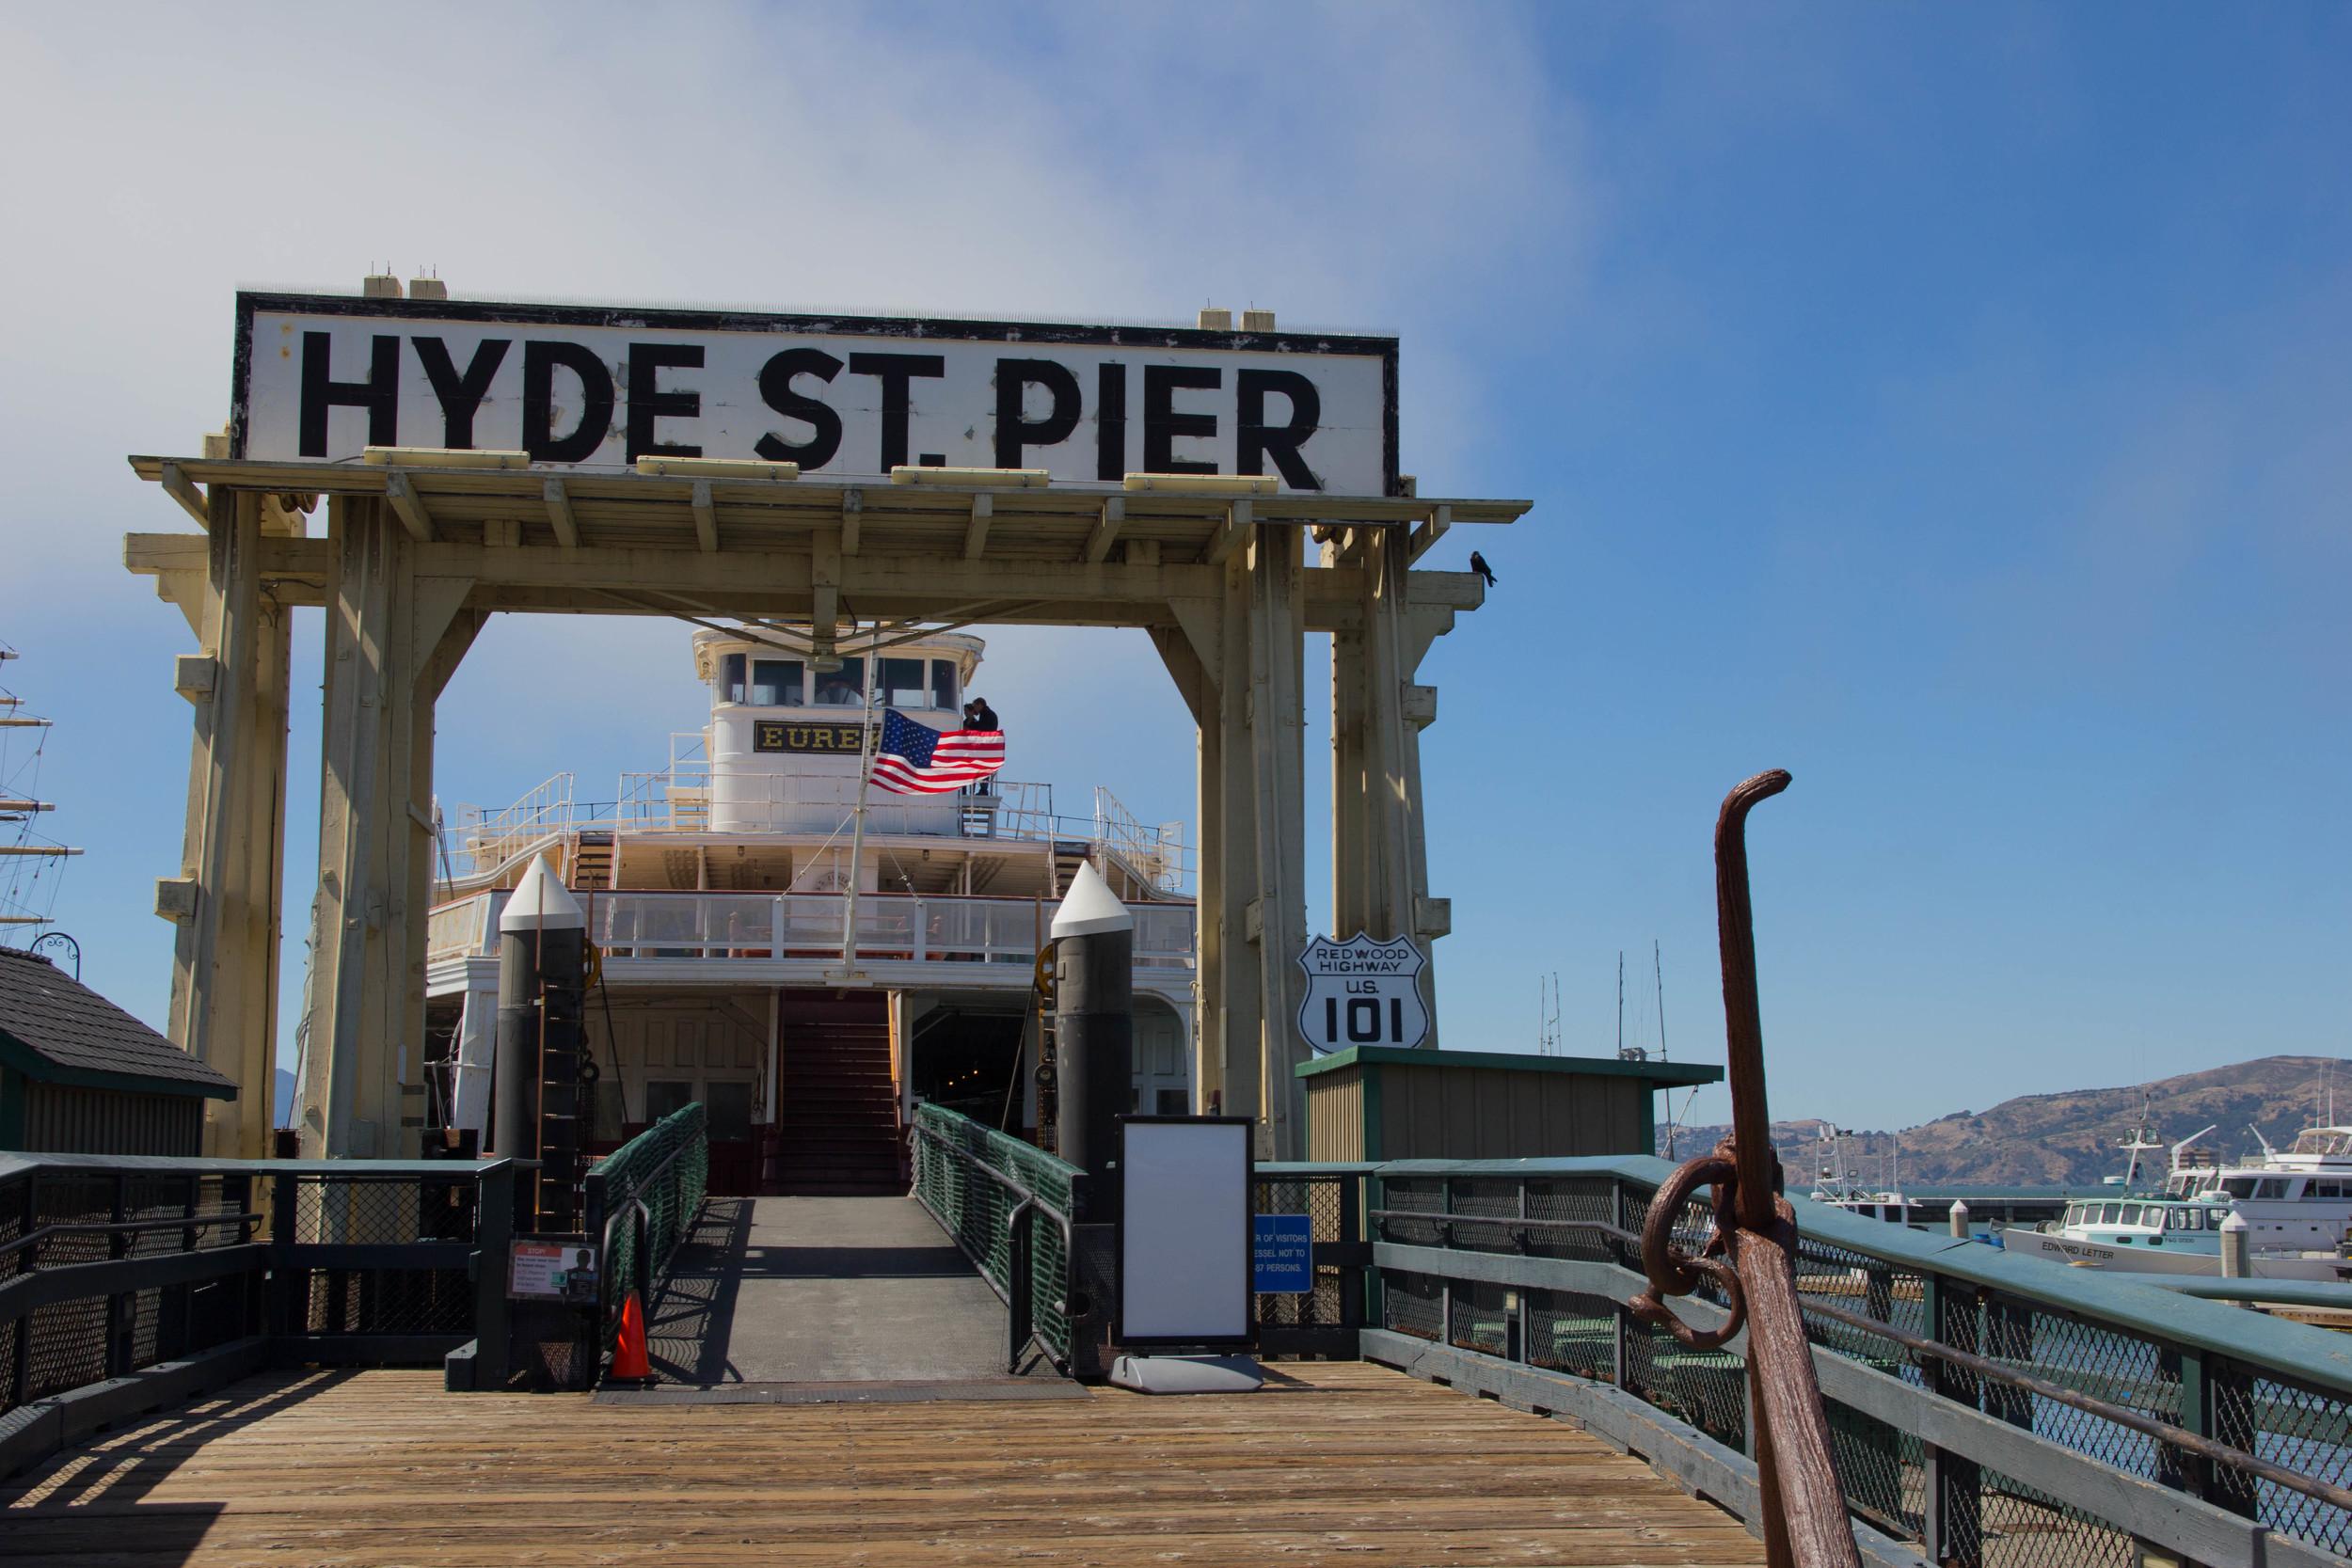 hyde street pier, san francisco, california